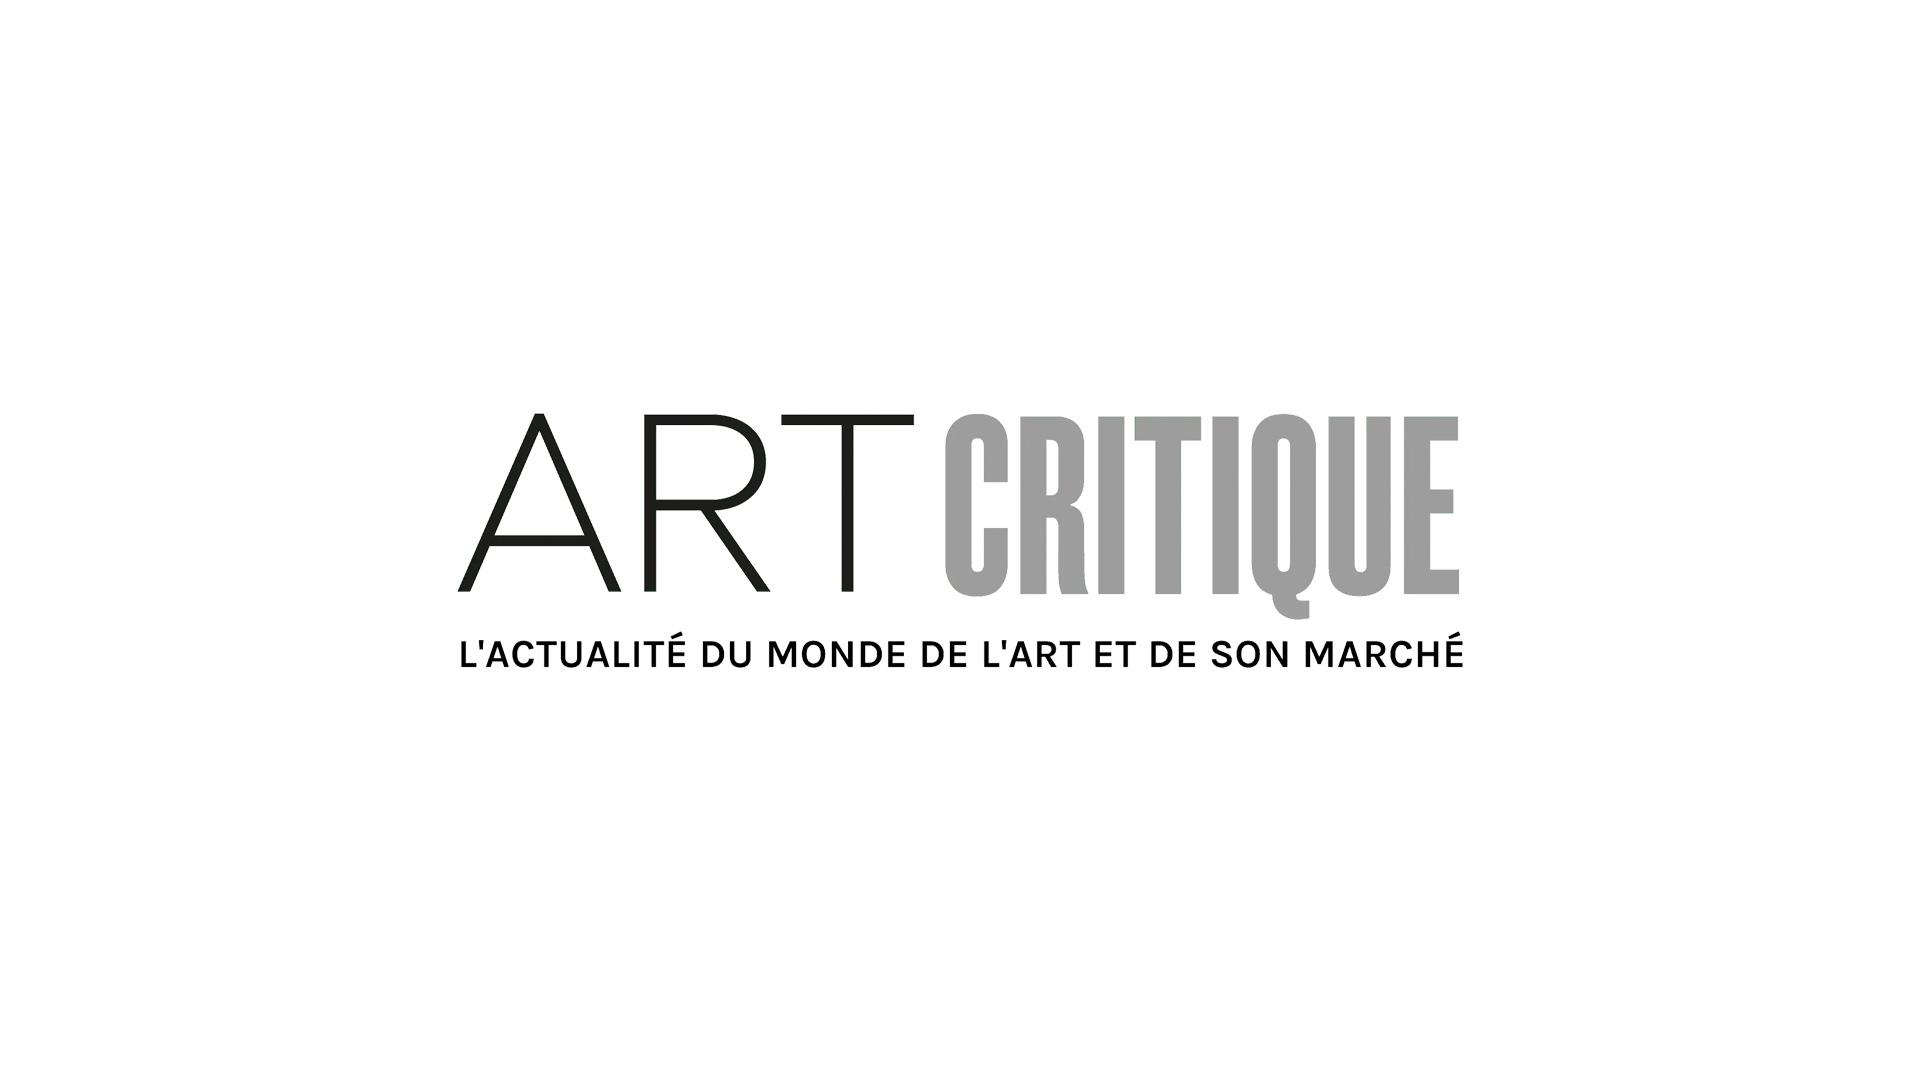 Derniers jours pour deux expositions passionnantes au Domaine de Chantilly